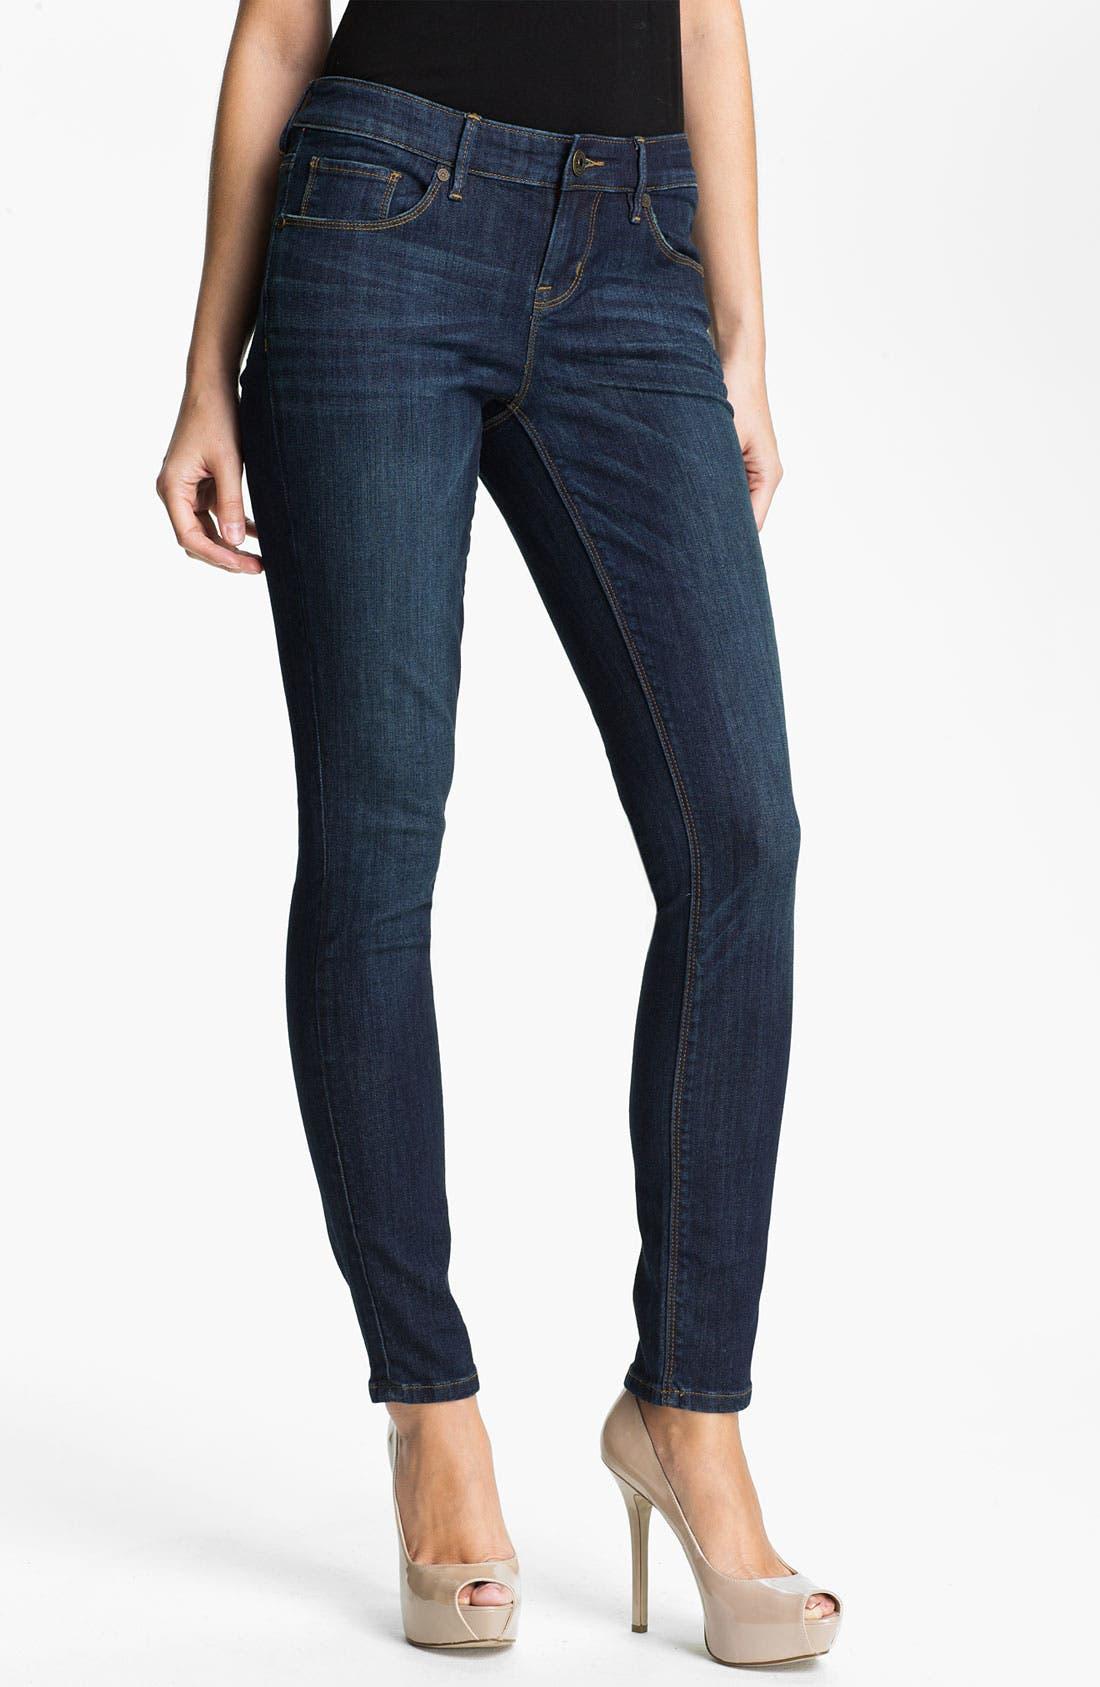 Main Image - Isaac Mizrahi Jeans 'Samantha' Skinny Jeans